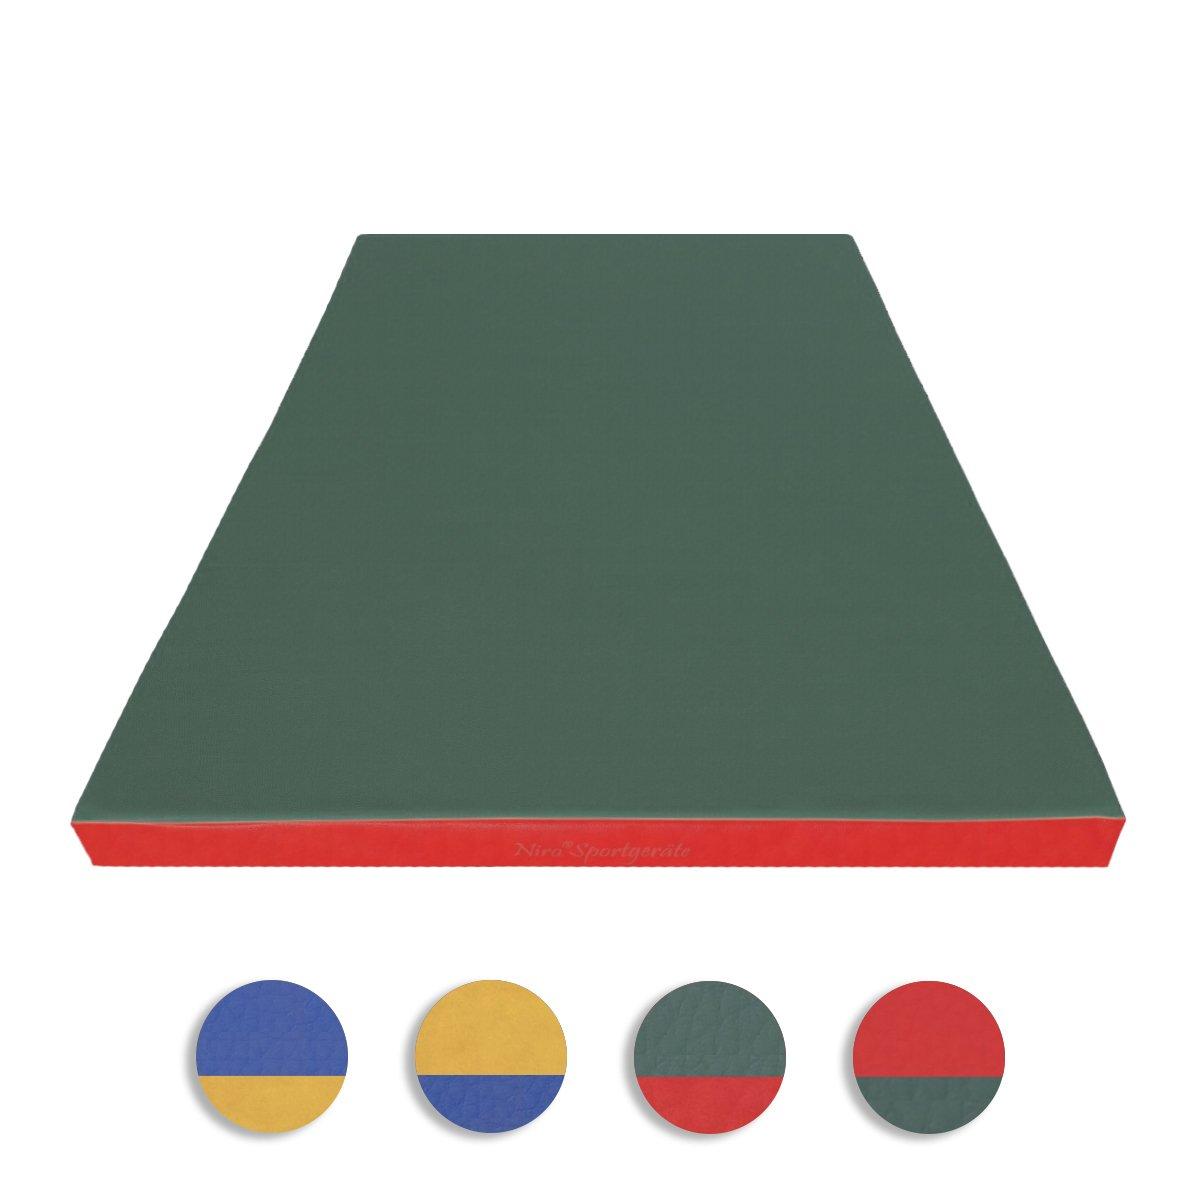 NiroSport Weichbodenmatte - KletterDschungel Turnmatte